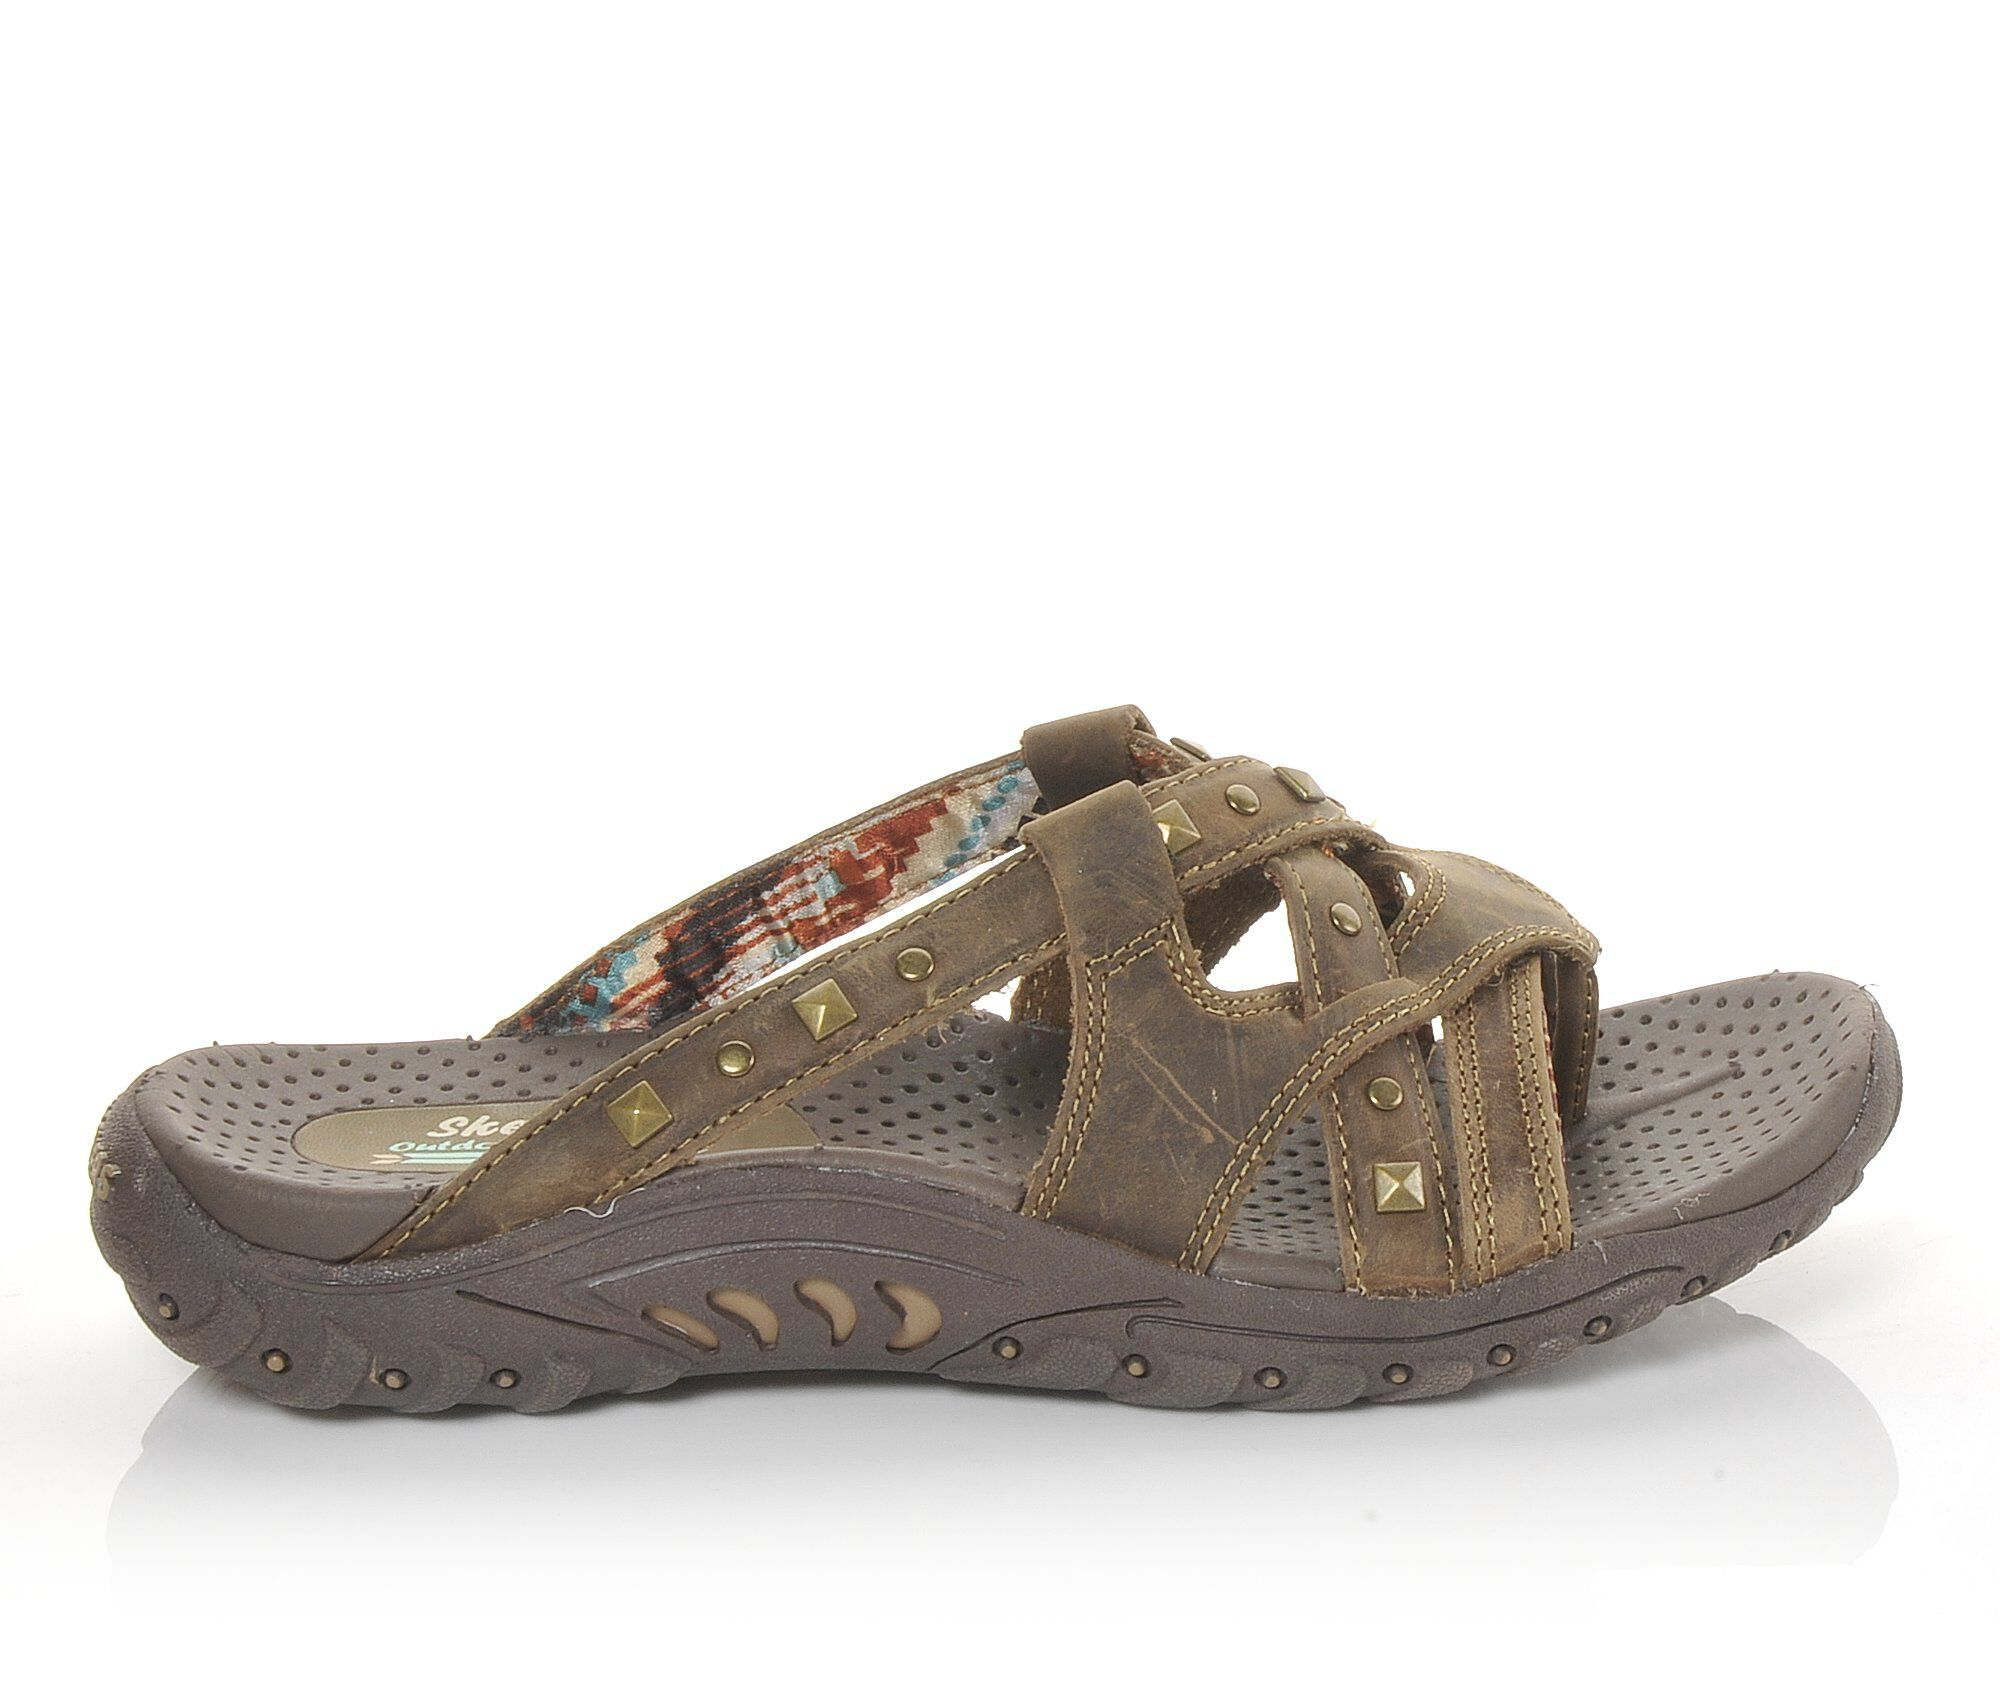 shop authentic Women's Skechers Rockin Soundstage 48188 Outdoor Sandals Desert